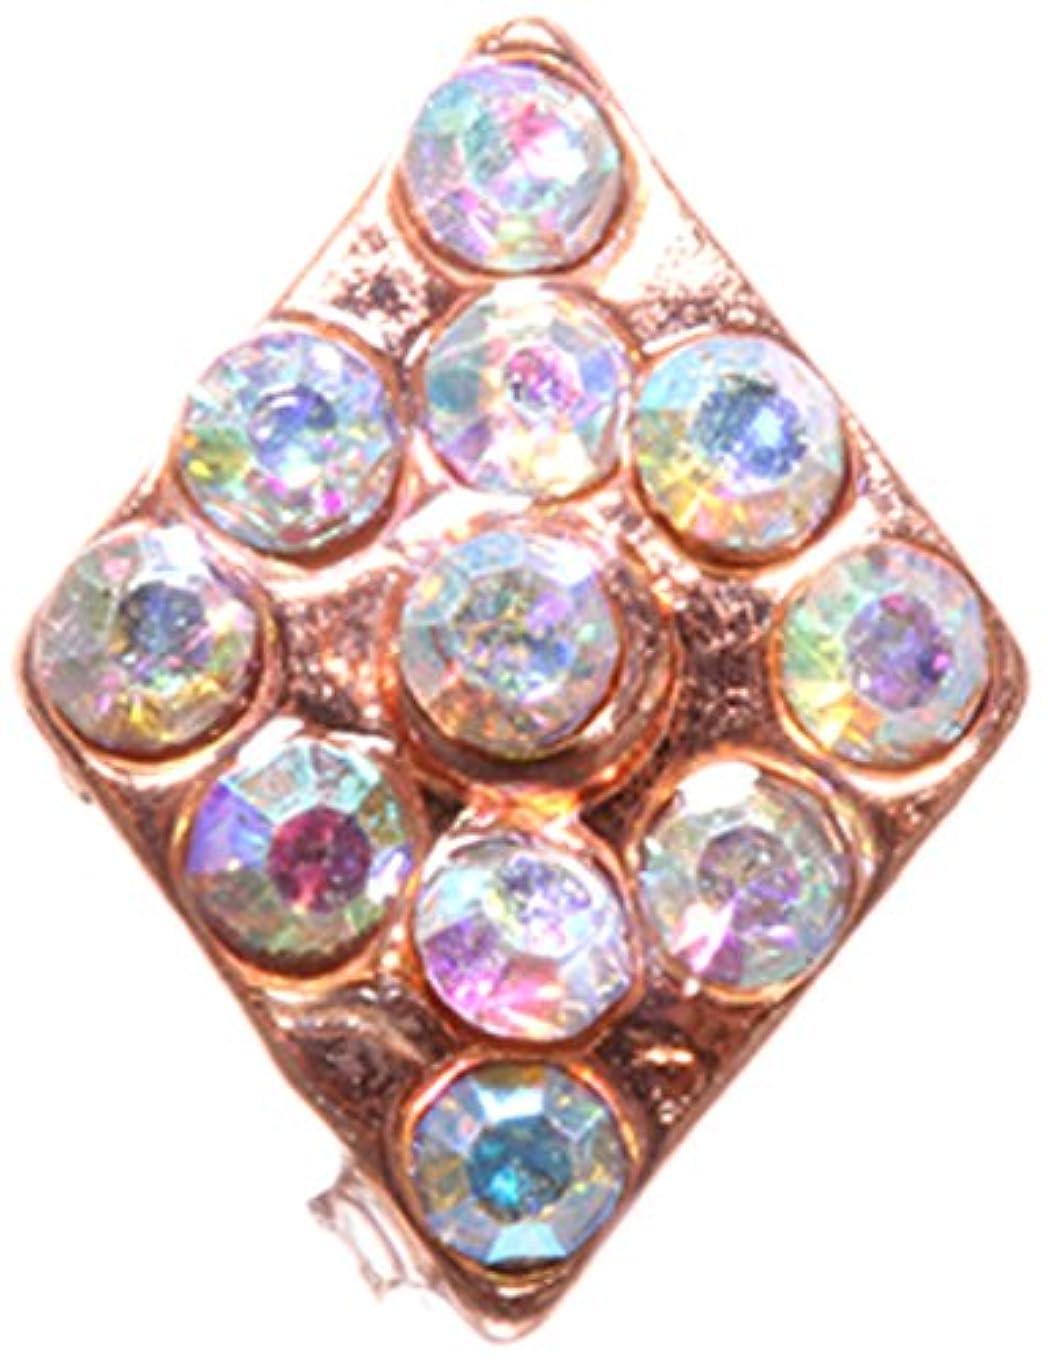 可能性完全に乾く便利ダイヤ オーロラ(各2個) ピンクゴールド